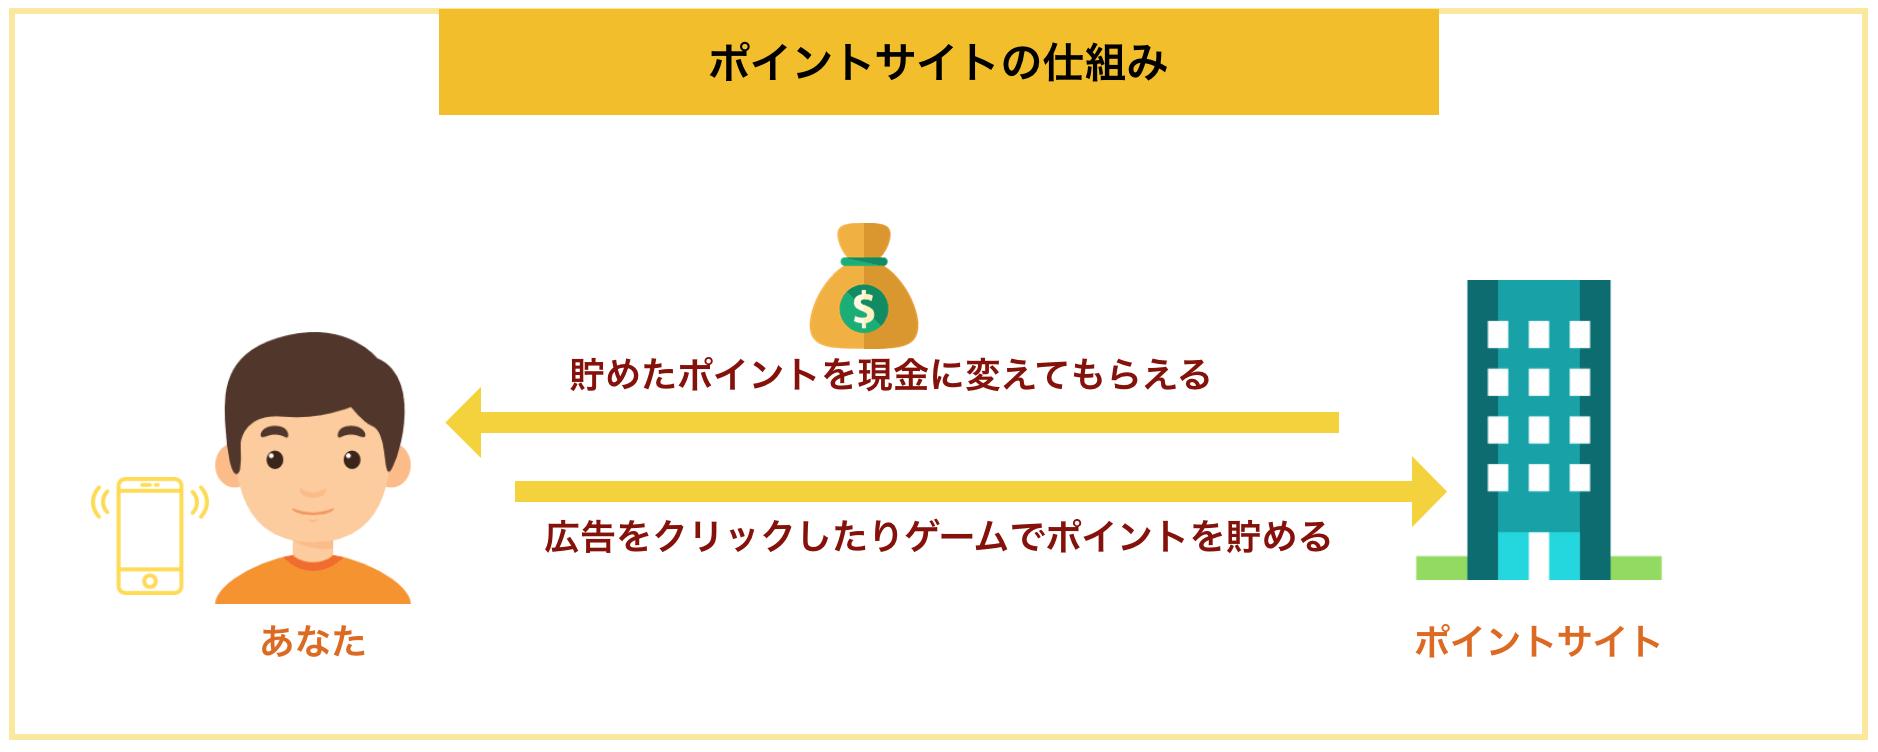 スクリーンショット 2017-02-05 18.37.16